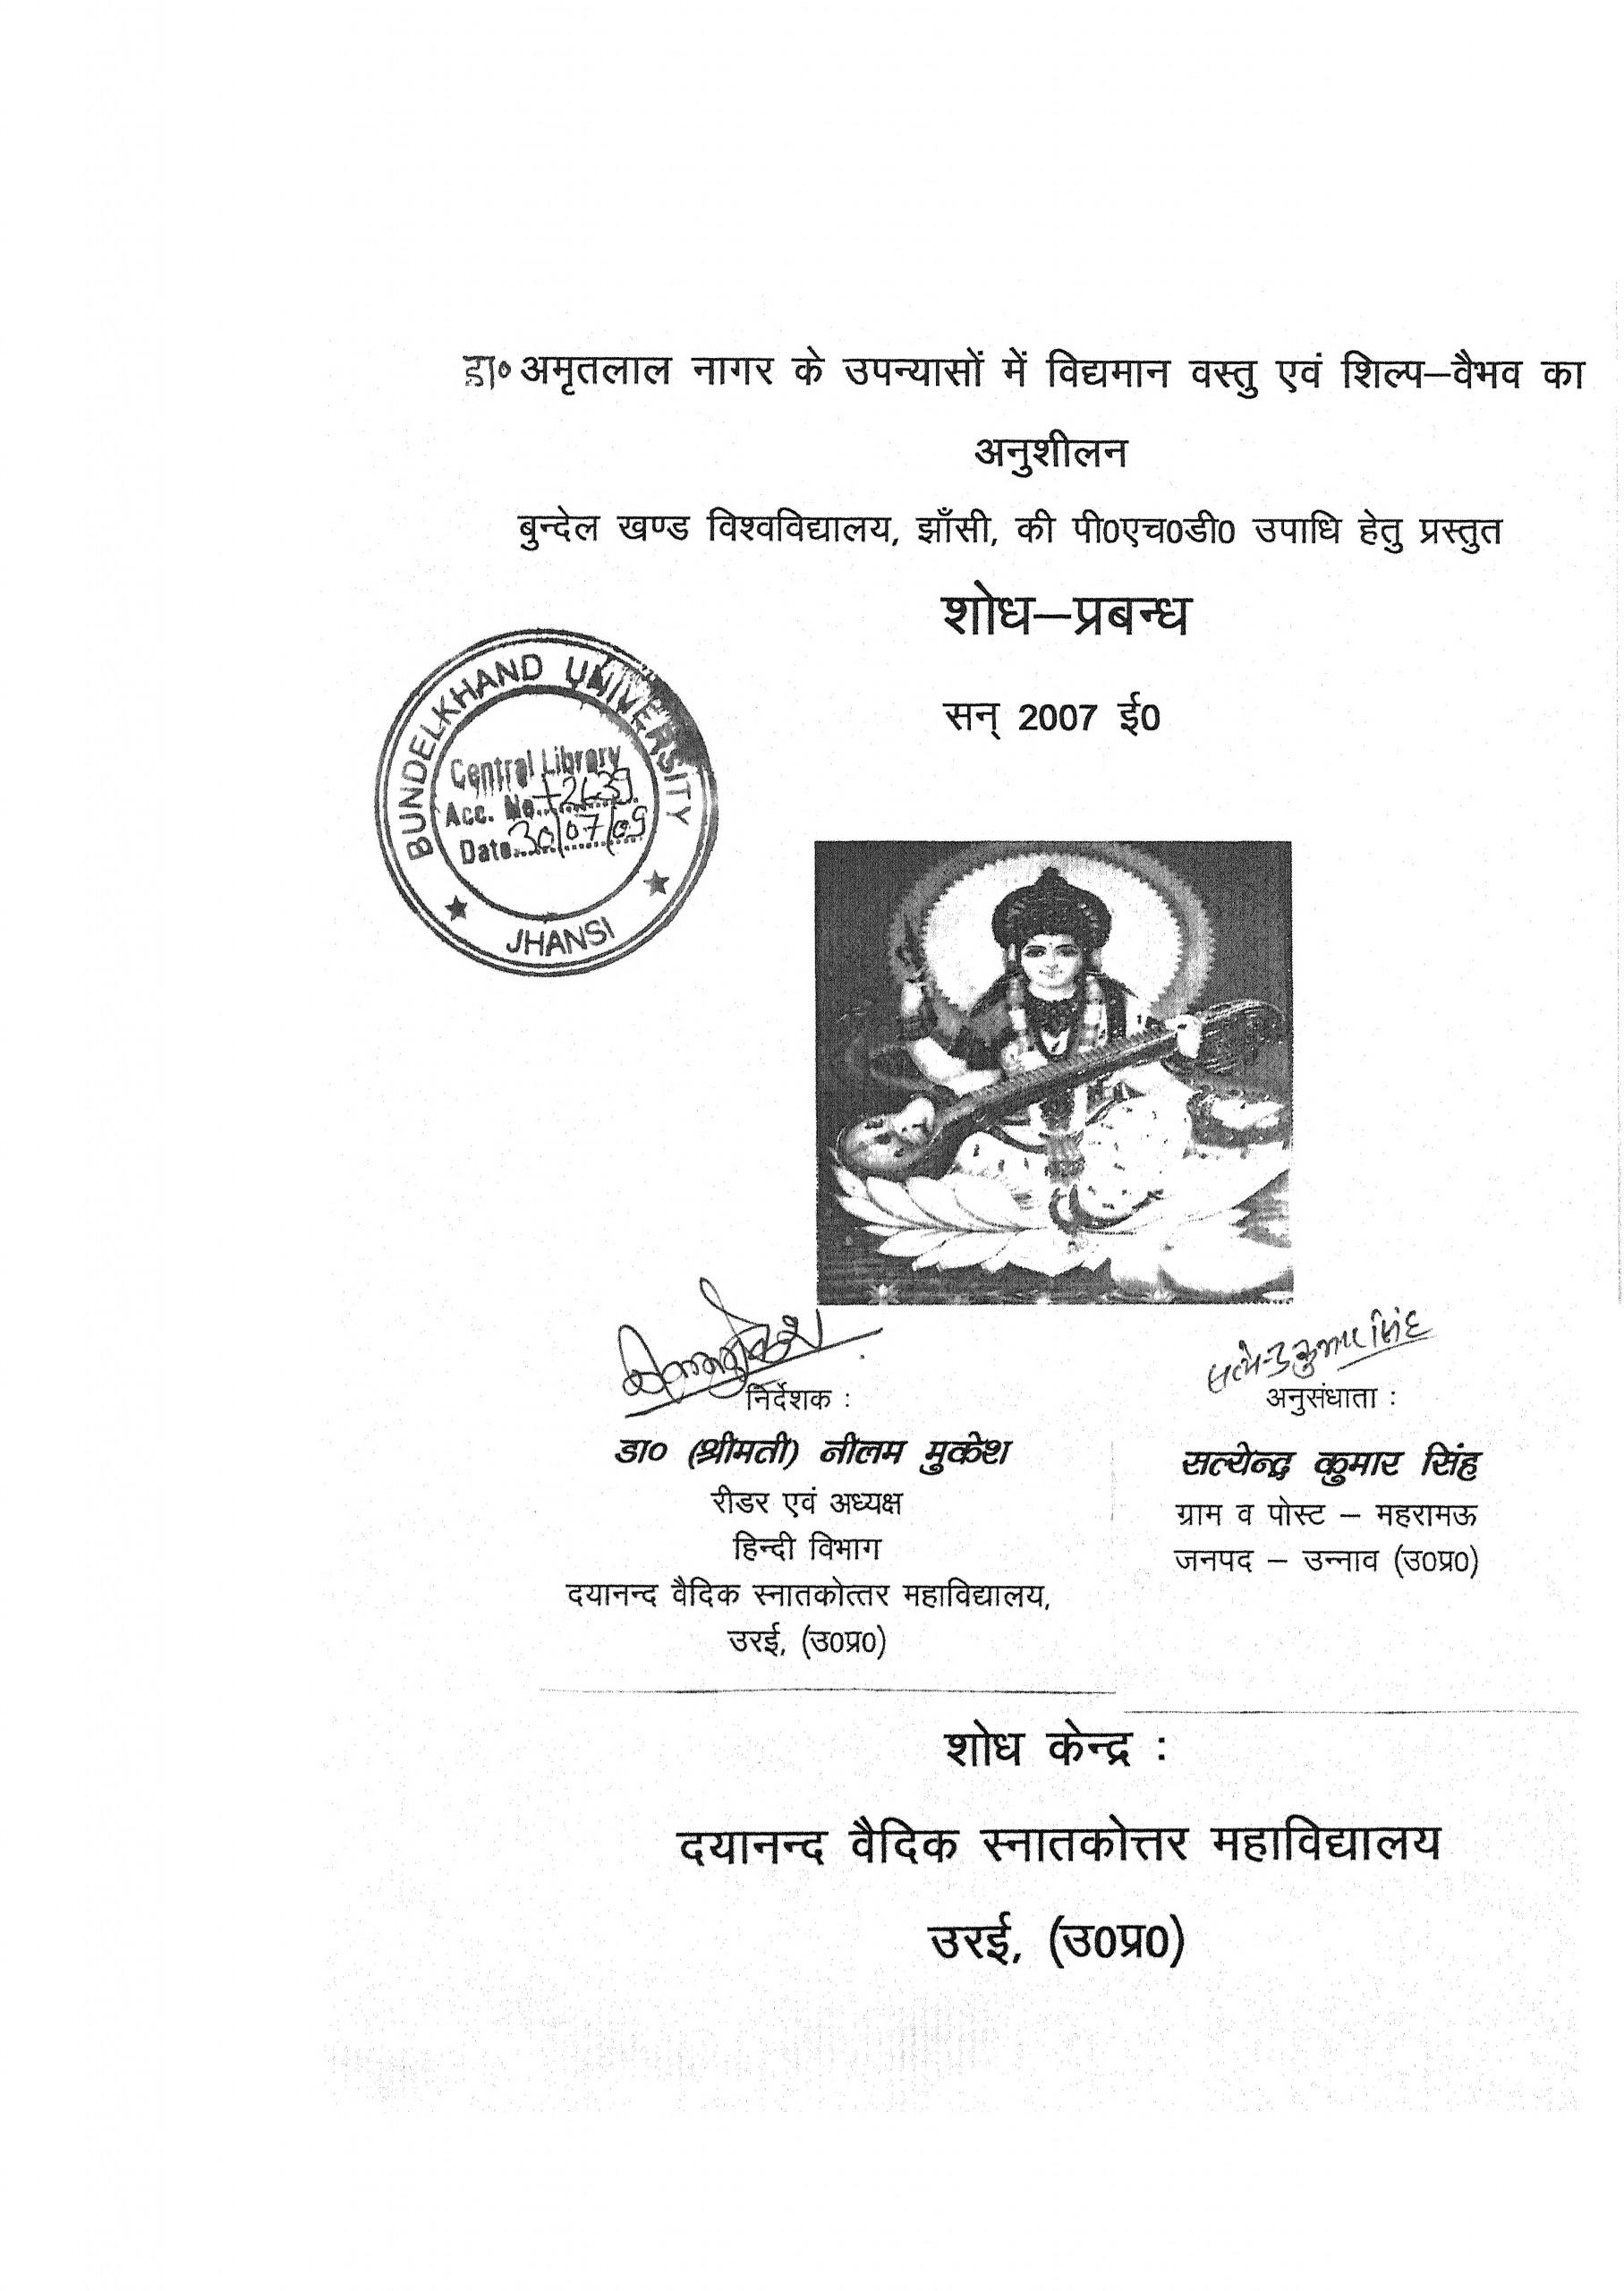 Book Image : डॉ. अमृतलाल नागर के उपन्यासों में विद्यमान वस्तु एवं शिल्प वैभव का अनुशीलन - Dr. Amratlal Nagar Ke Upanyason Me Vidhyaman Vastu Avam Shilp Vaibhav Ka Anushilan